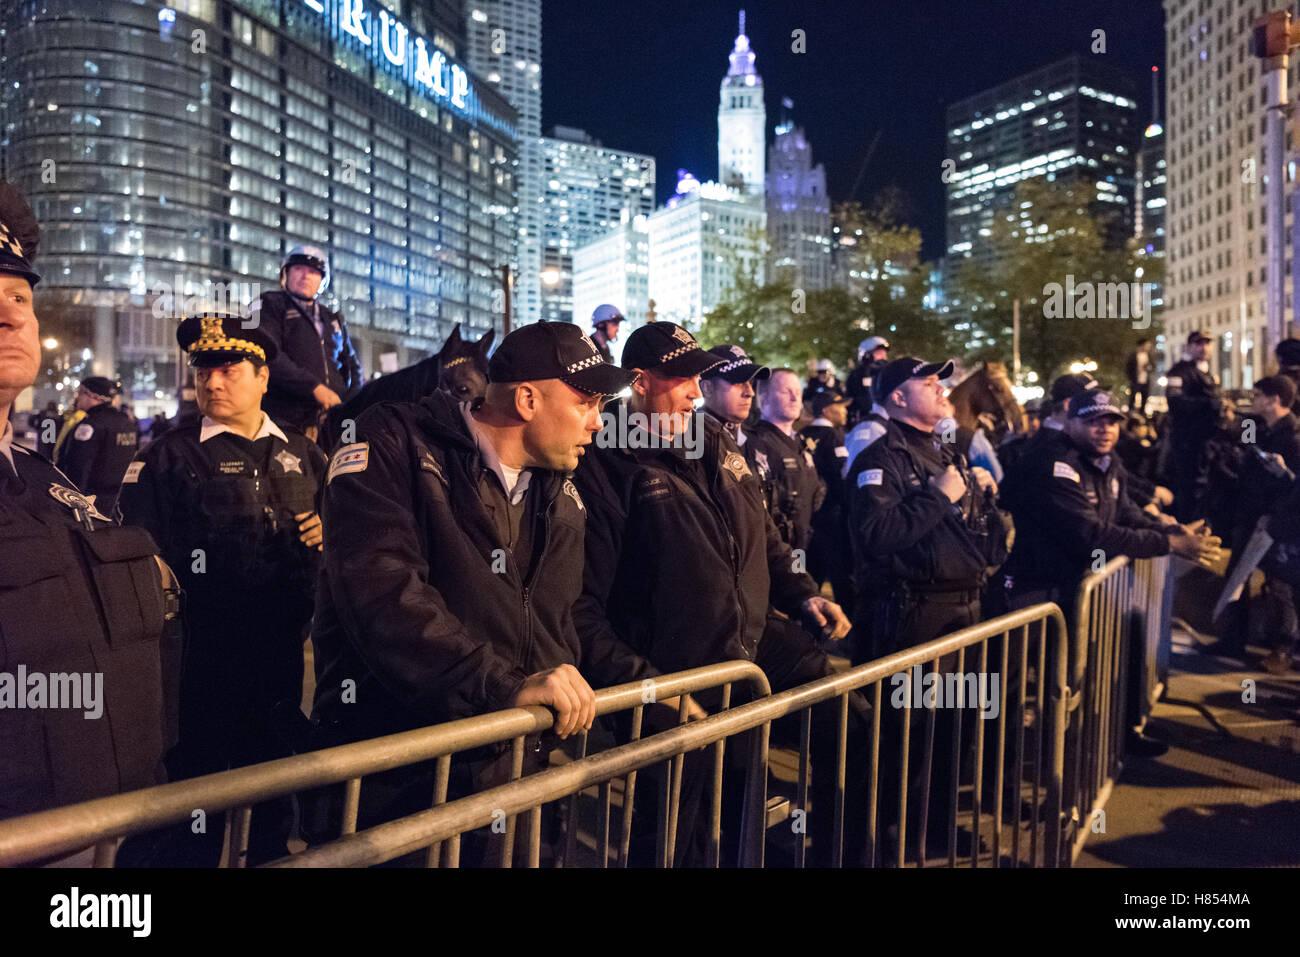 Chicago, Illinois, USA. 9. November 2016. Chicago Polizei Verbarrikadierung anti-Trump Demonstranten von Anfang Stockbild